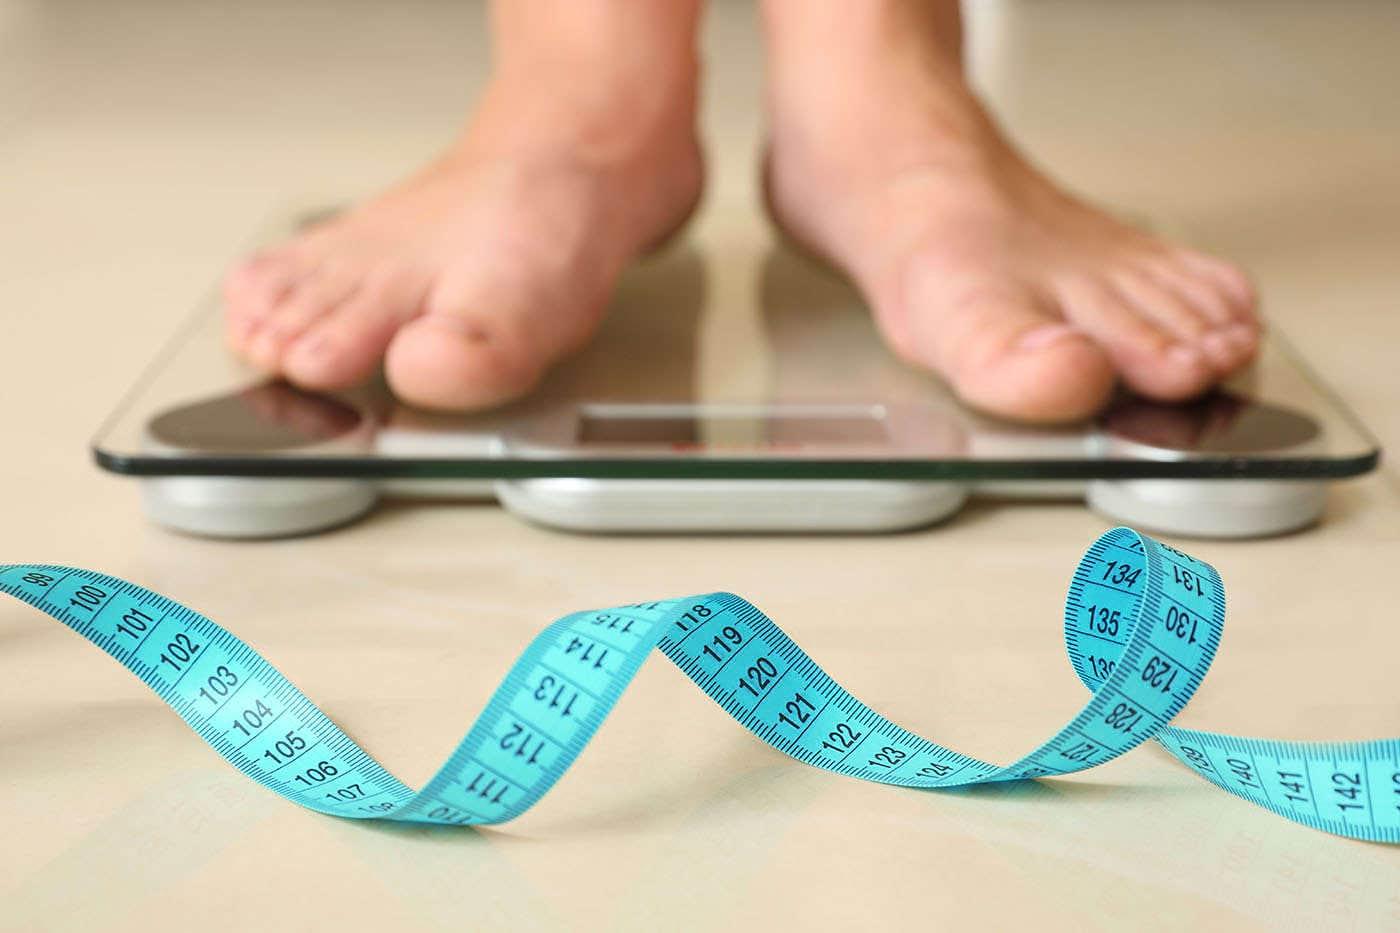 Pierderea în greutate: motive care ar trebui să alerteze